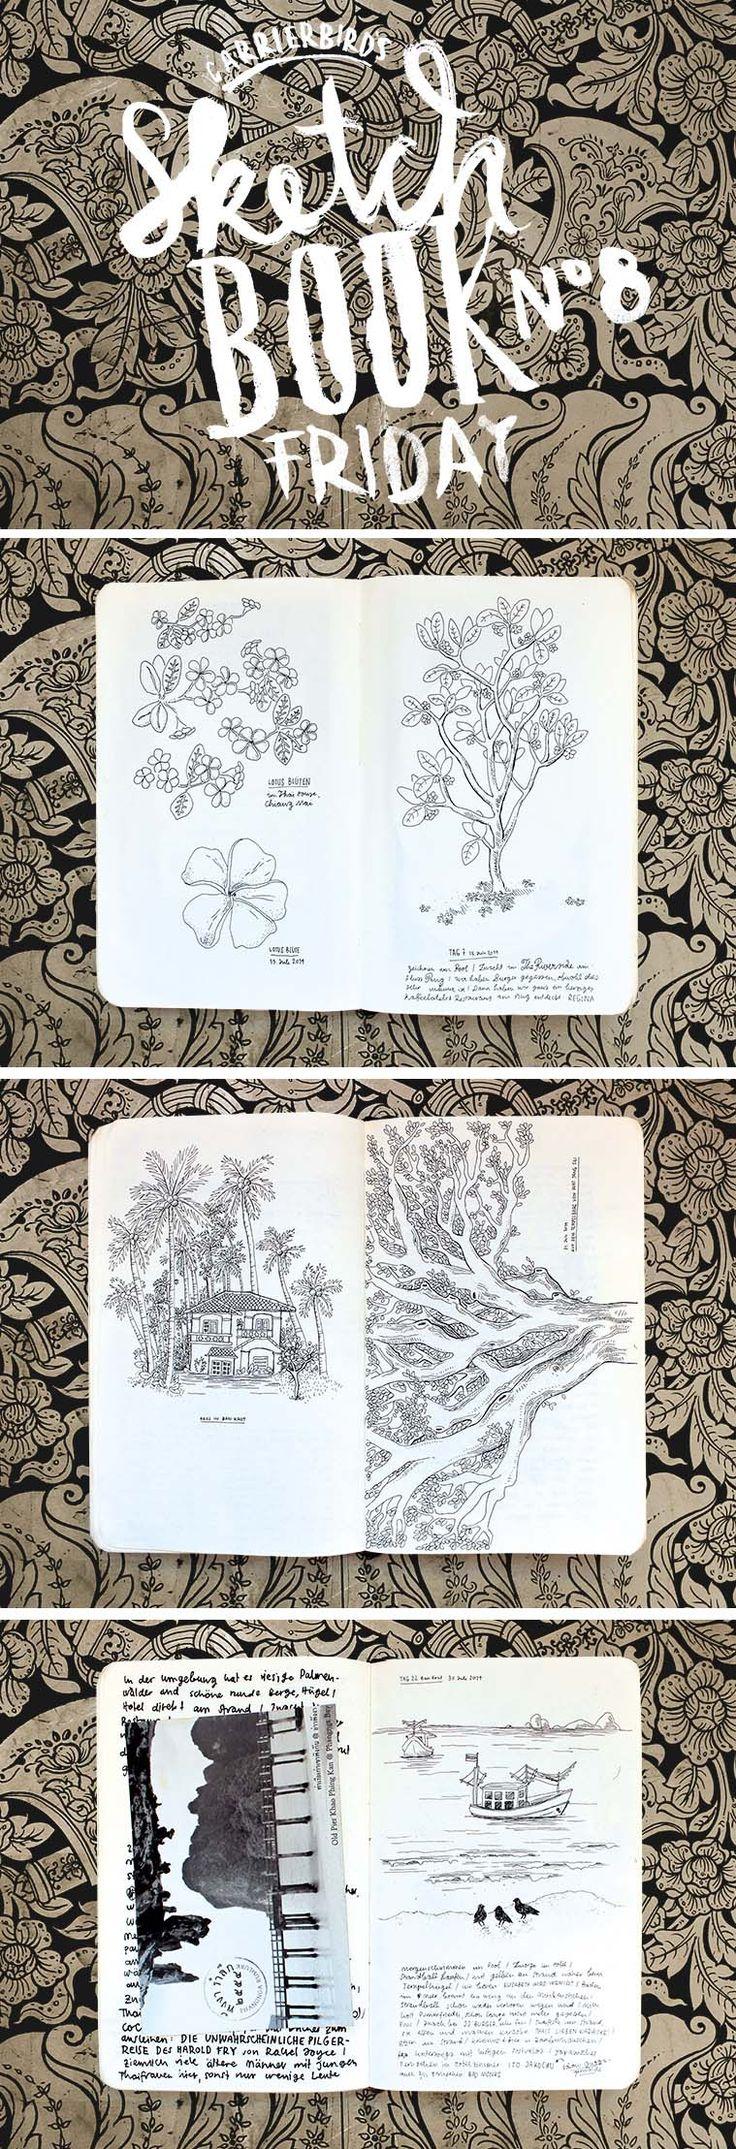 Carrier Bird's Sketchbookfriday No.08